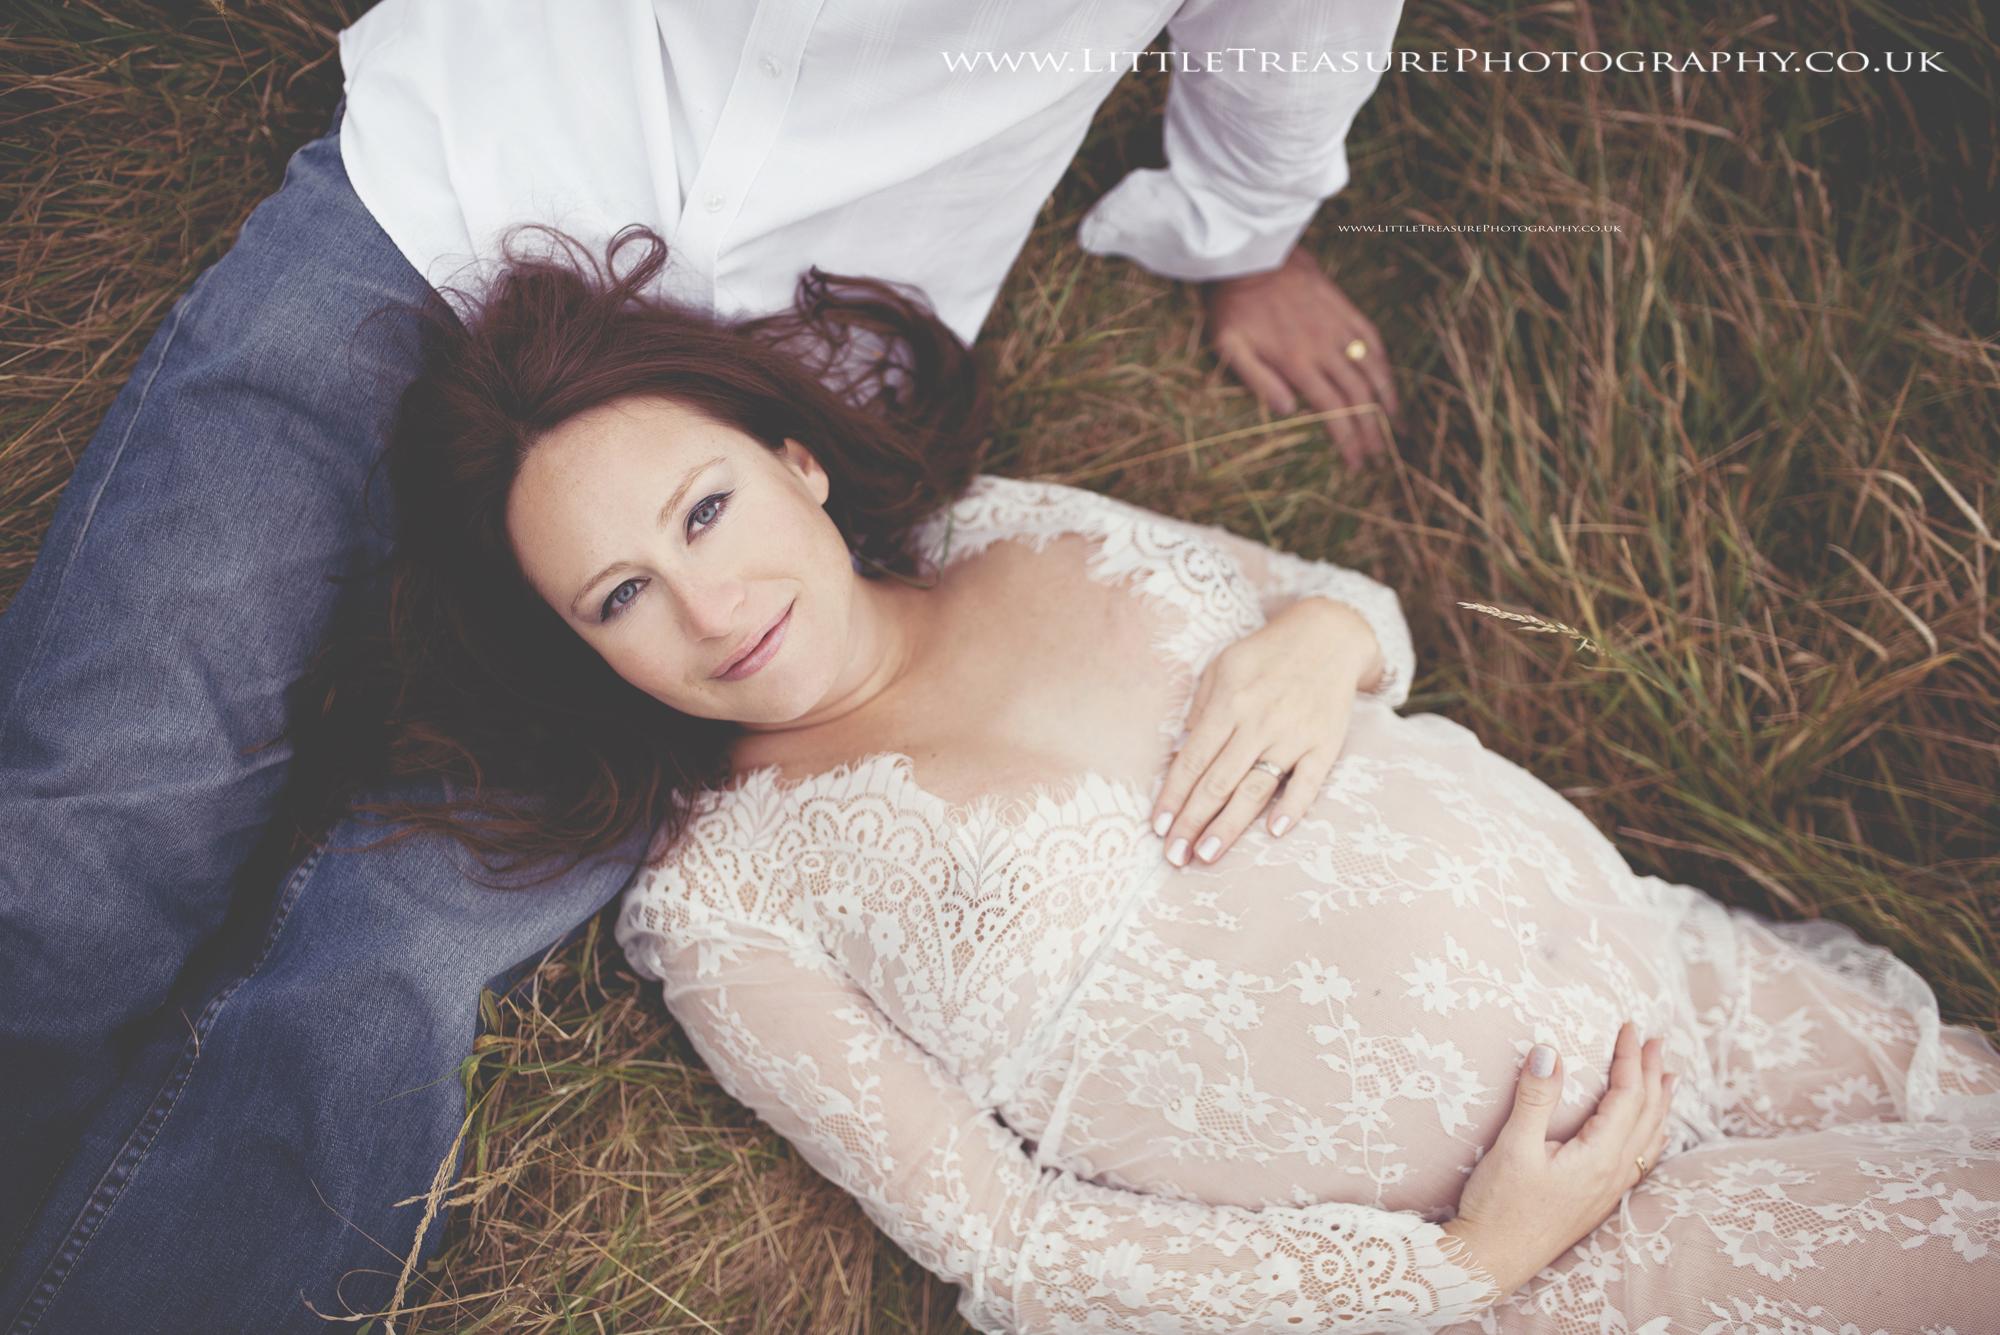 Oresett family photographer